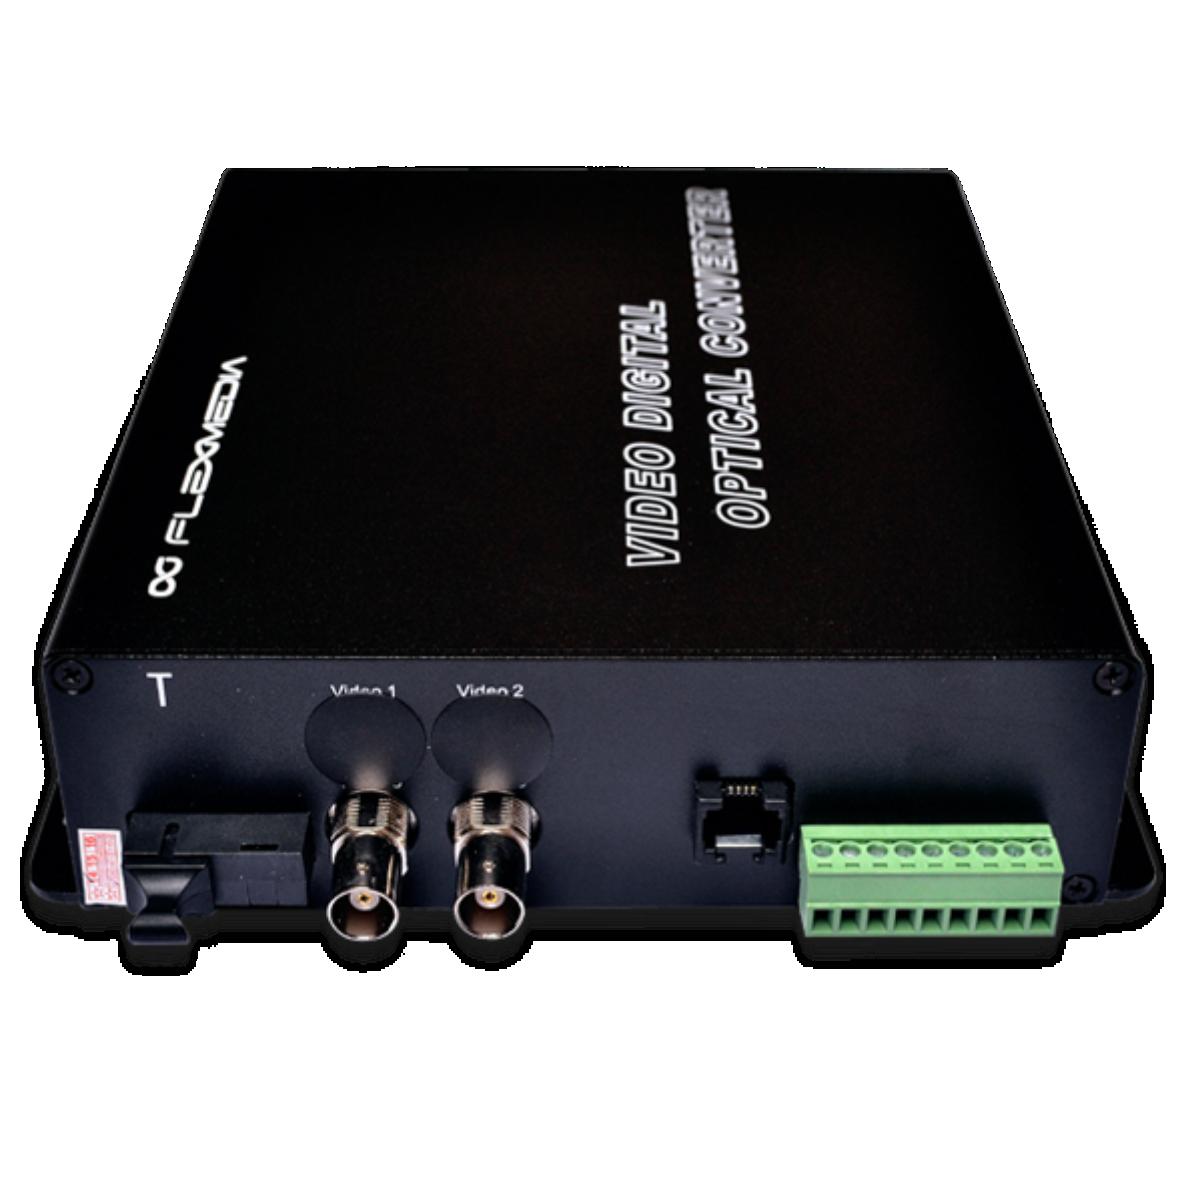 Conversor de fibra óptica de vídeo, dados e ETHERNET MONOMODO